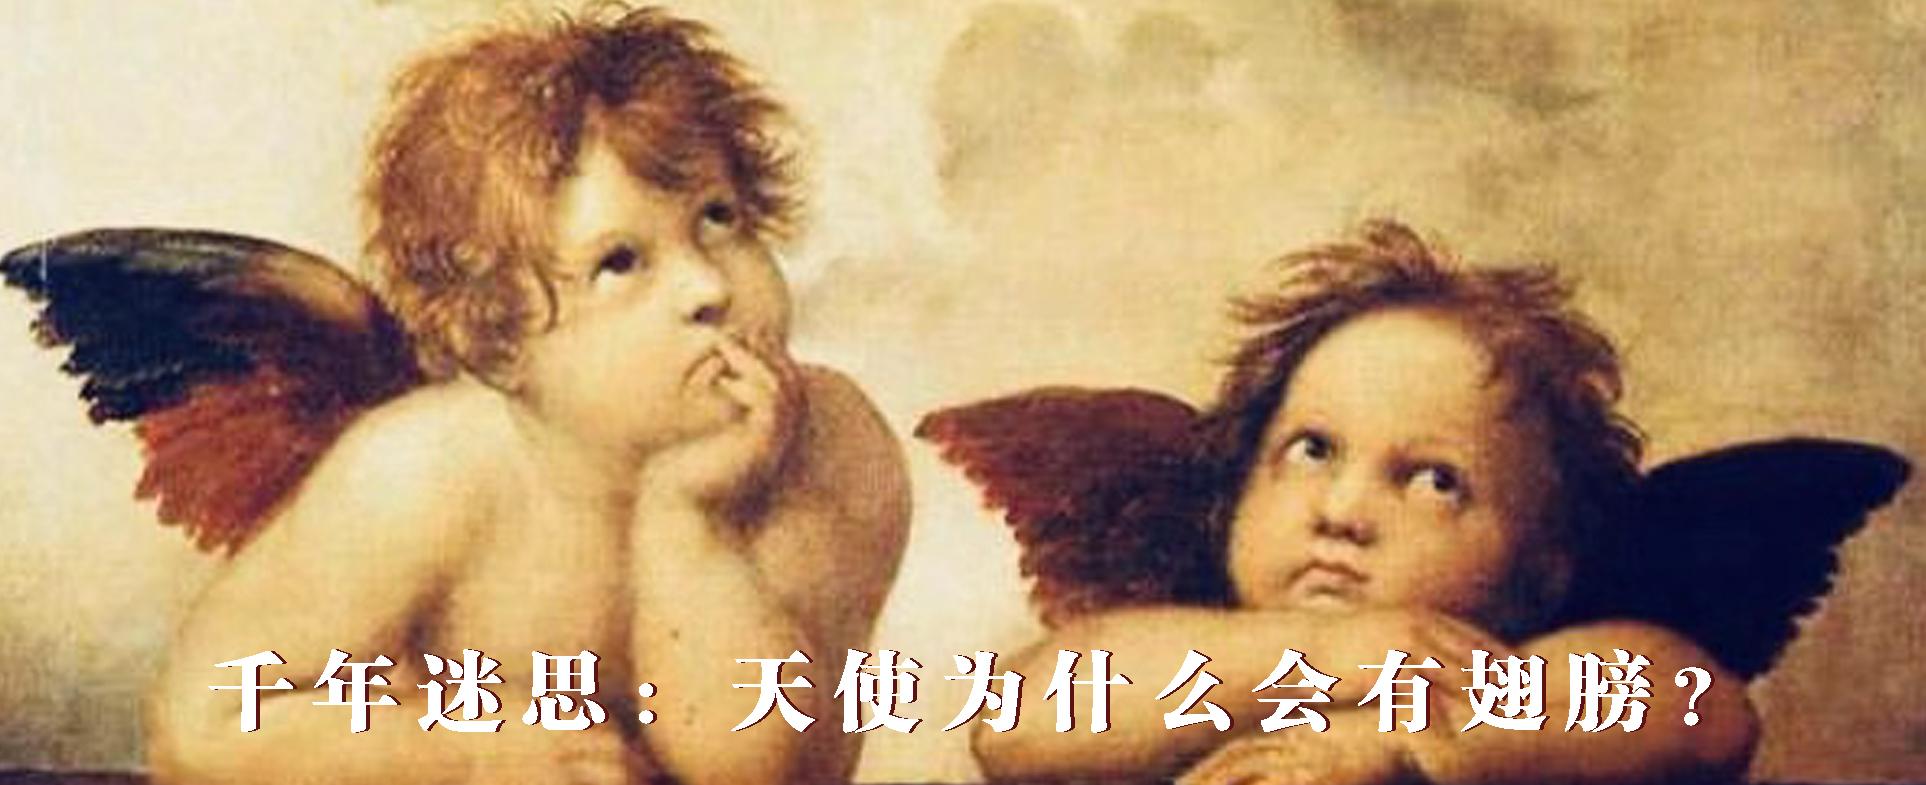 2 千年迷思:天使为什么会有翅膀?